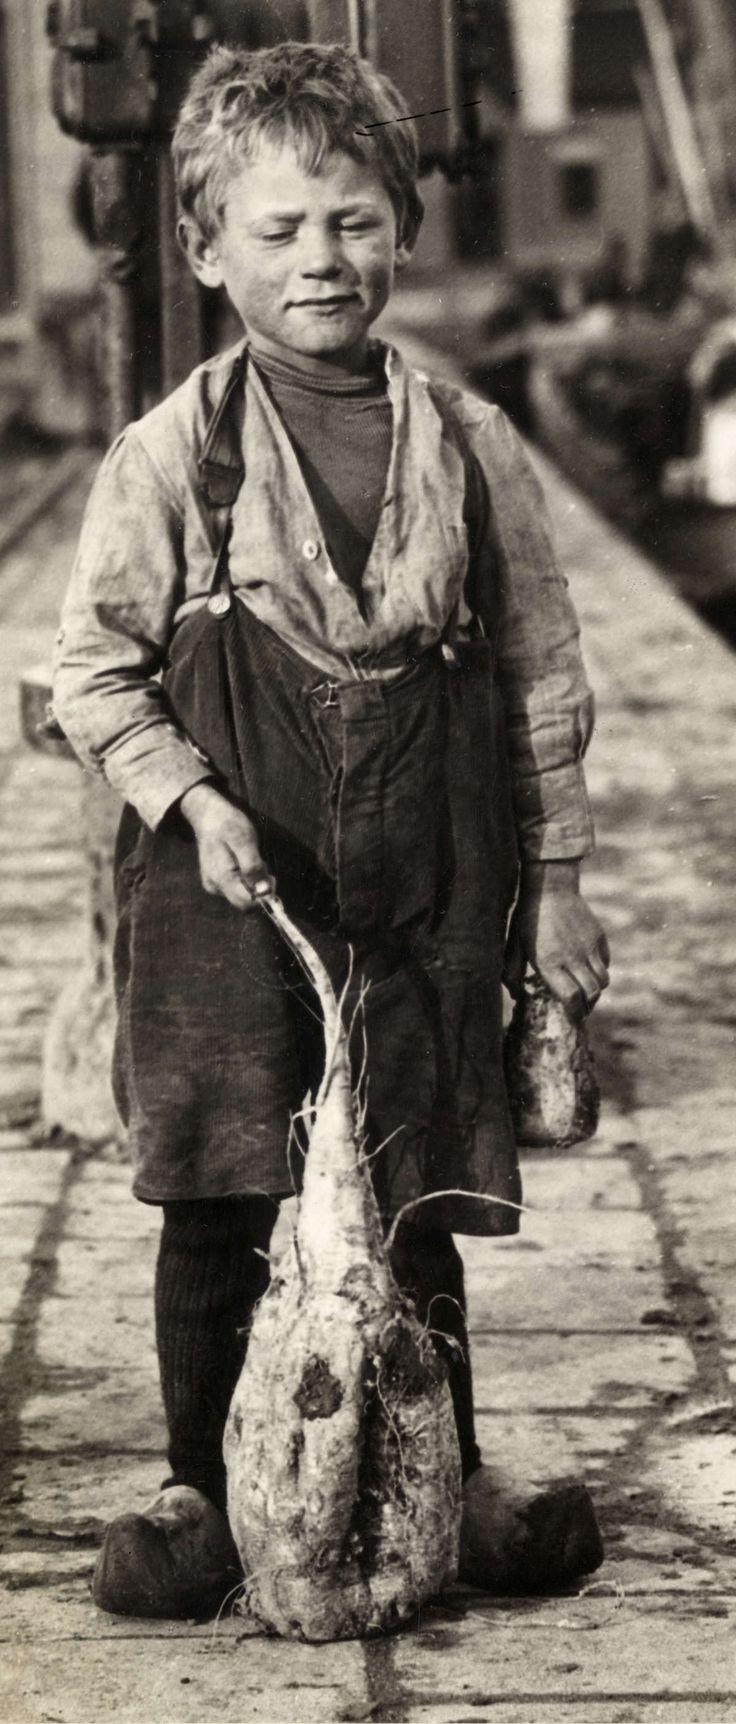 Suikerbieten. Jongen in niet al te schone kleding toont de grootste suikerbiet die ooit in de Wester Suikerfabriek is verwerkt. De biet weegt 3,5 kilogram. In zijn linkerhand toont hij een suikerbiet van normale afmeting. Foto 1924.